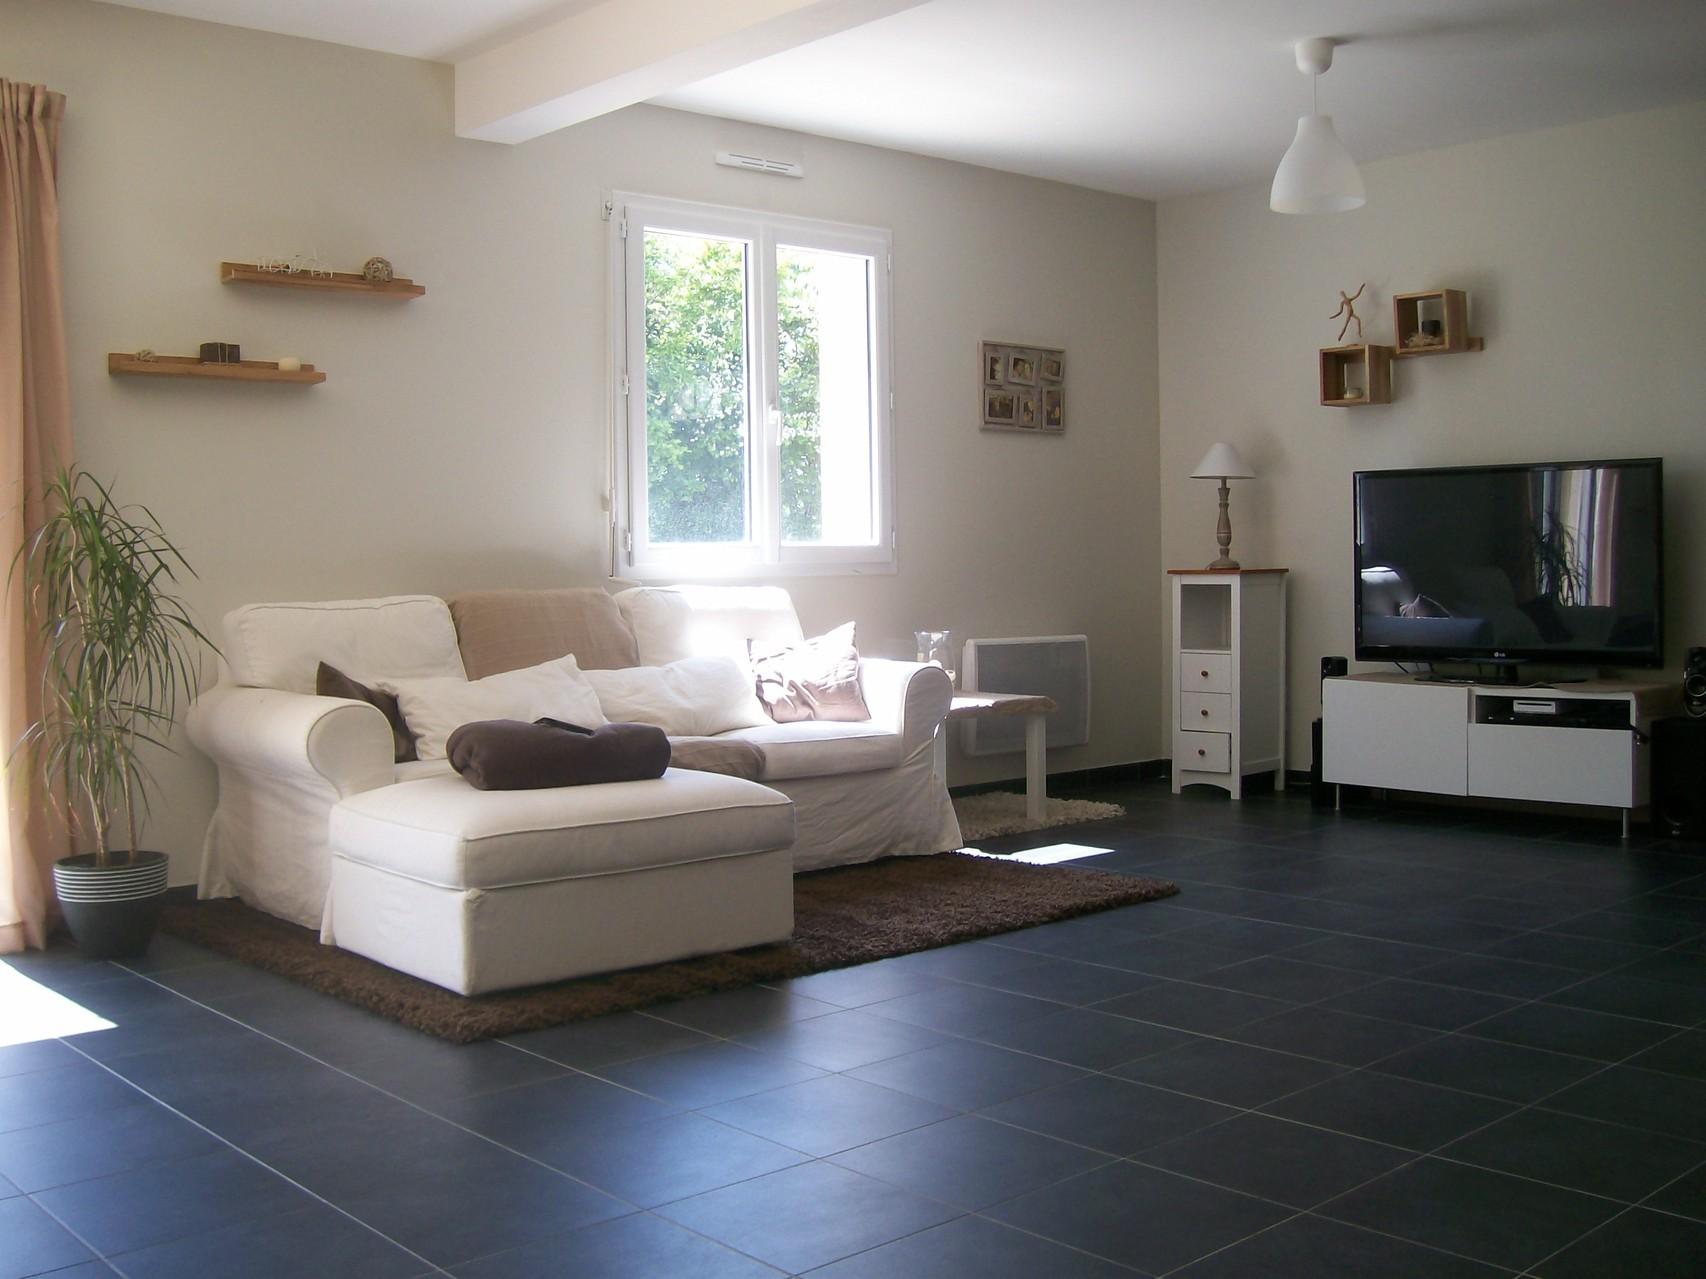 vendre sa maison mode d 39 emploi conseils thermiques. Black Bedroom Furniture Sets. Home Design Ideas